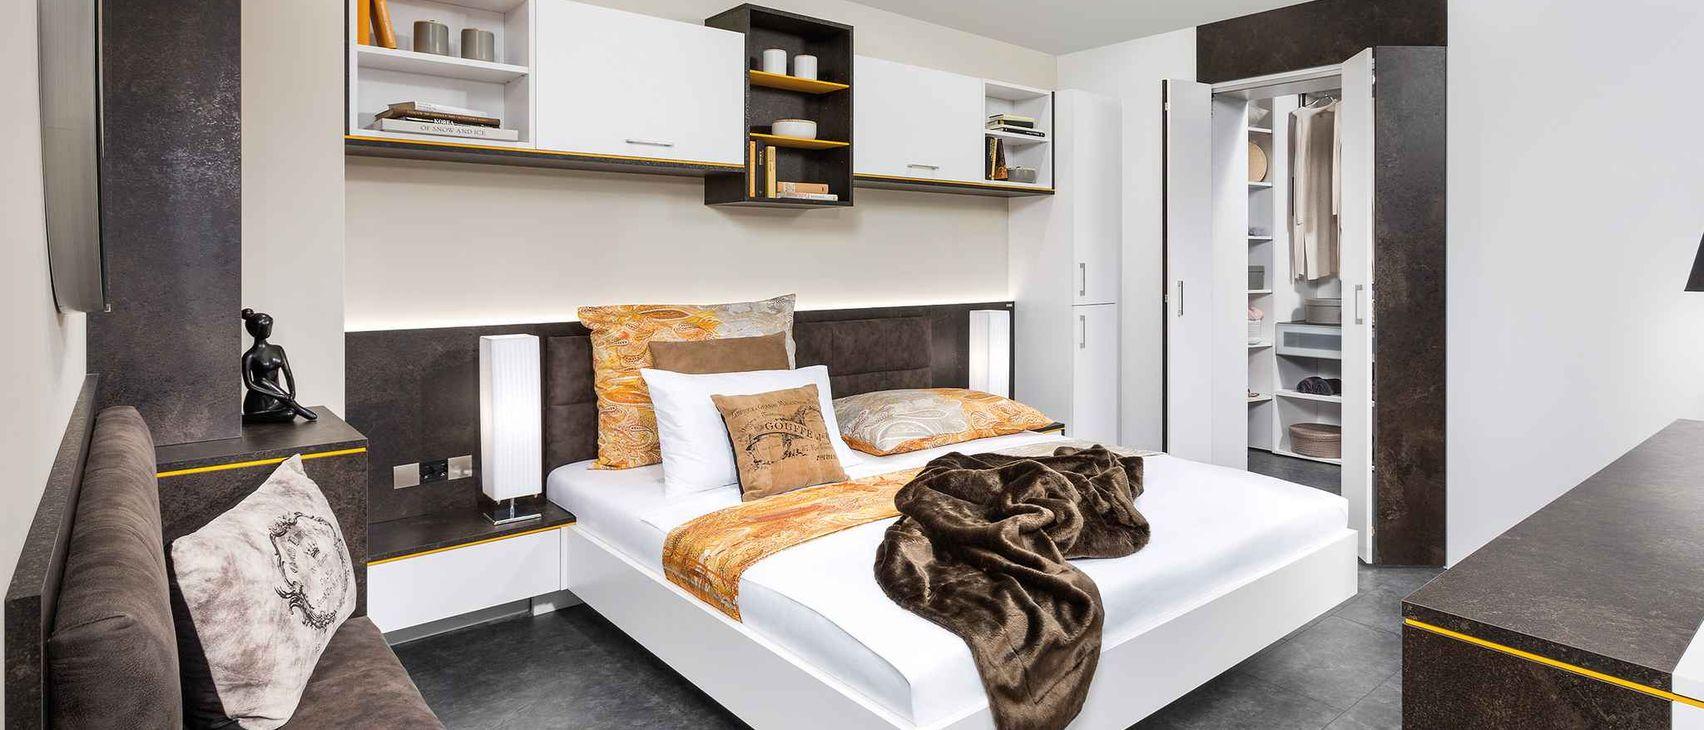 Full Size of Wandbilder Schlafzimmer Vorhänge Deckenleuchte Fototapete Set Mit Matratze Und Lattenrost Kronleuchter Schimmel Im Betten Weißes Weiß Komplett überbau Wohnzimmer Schlafzimmer überbau